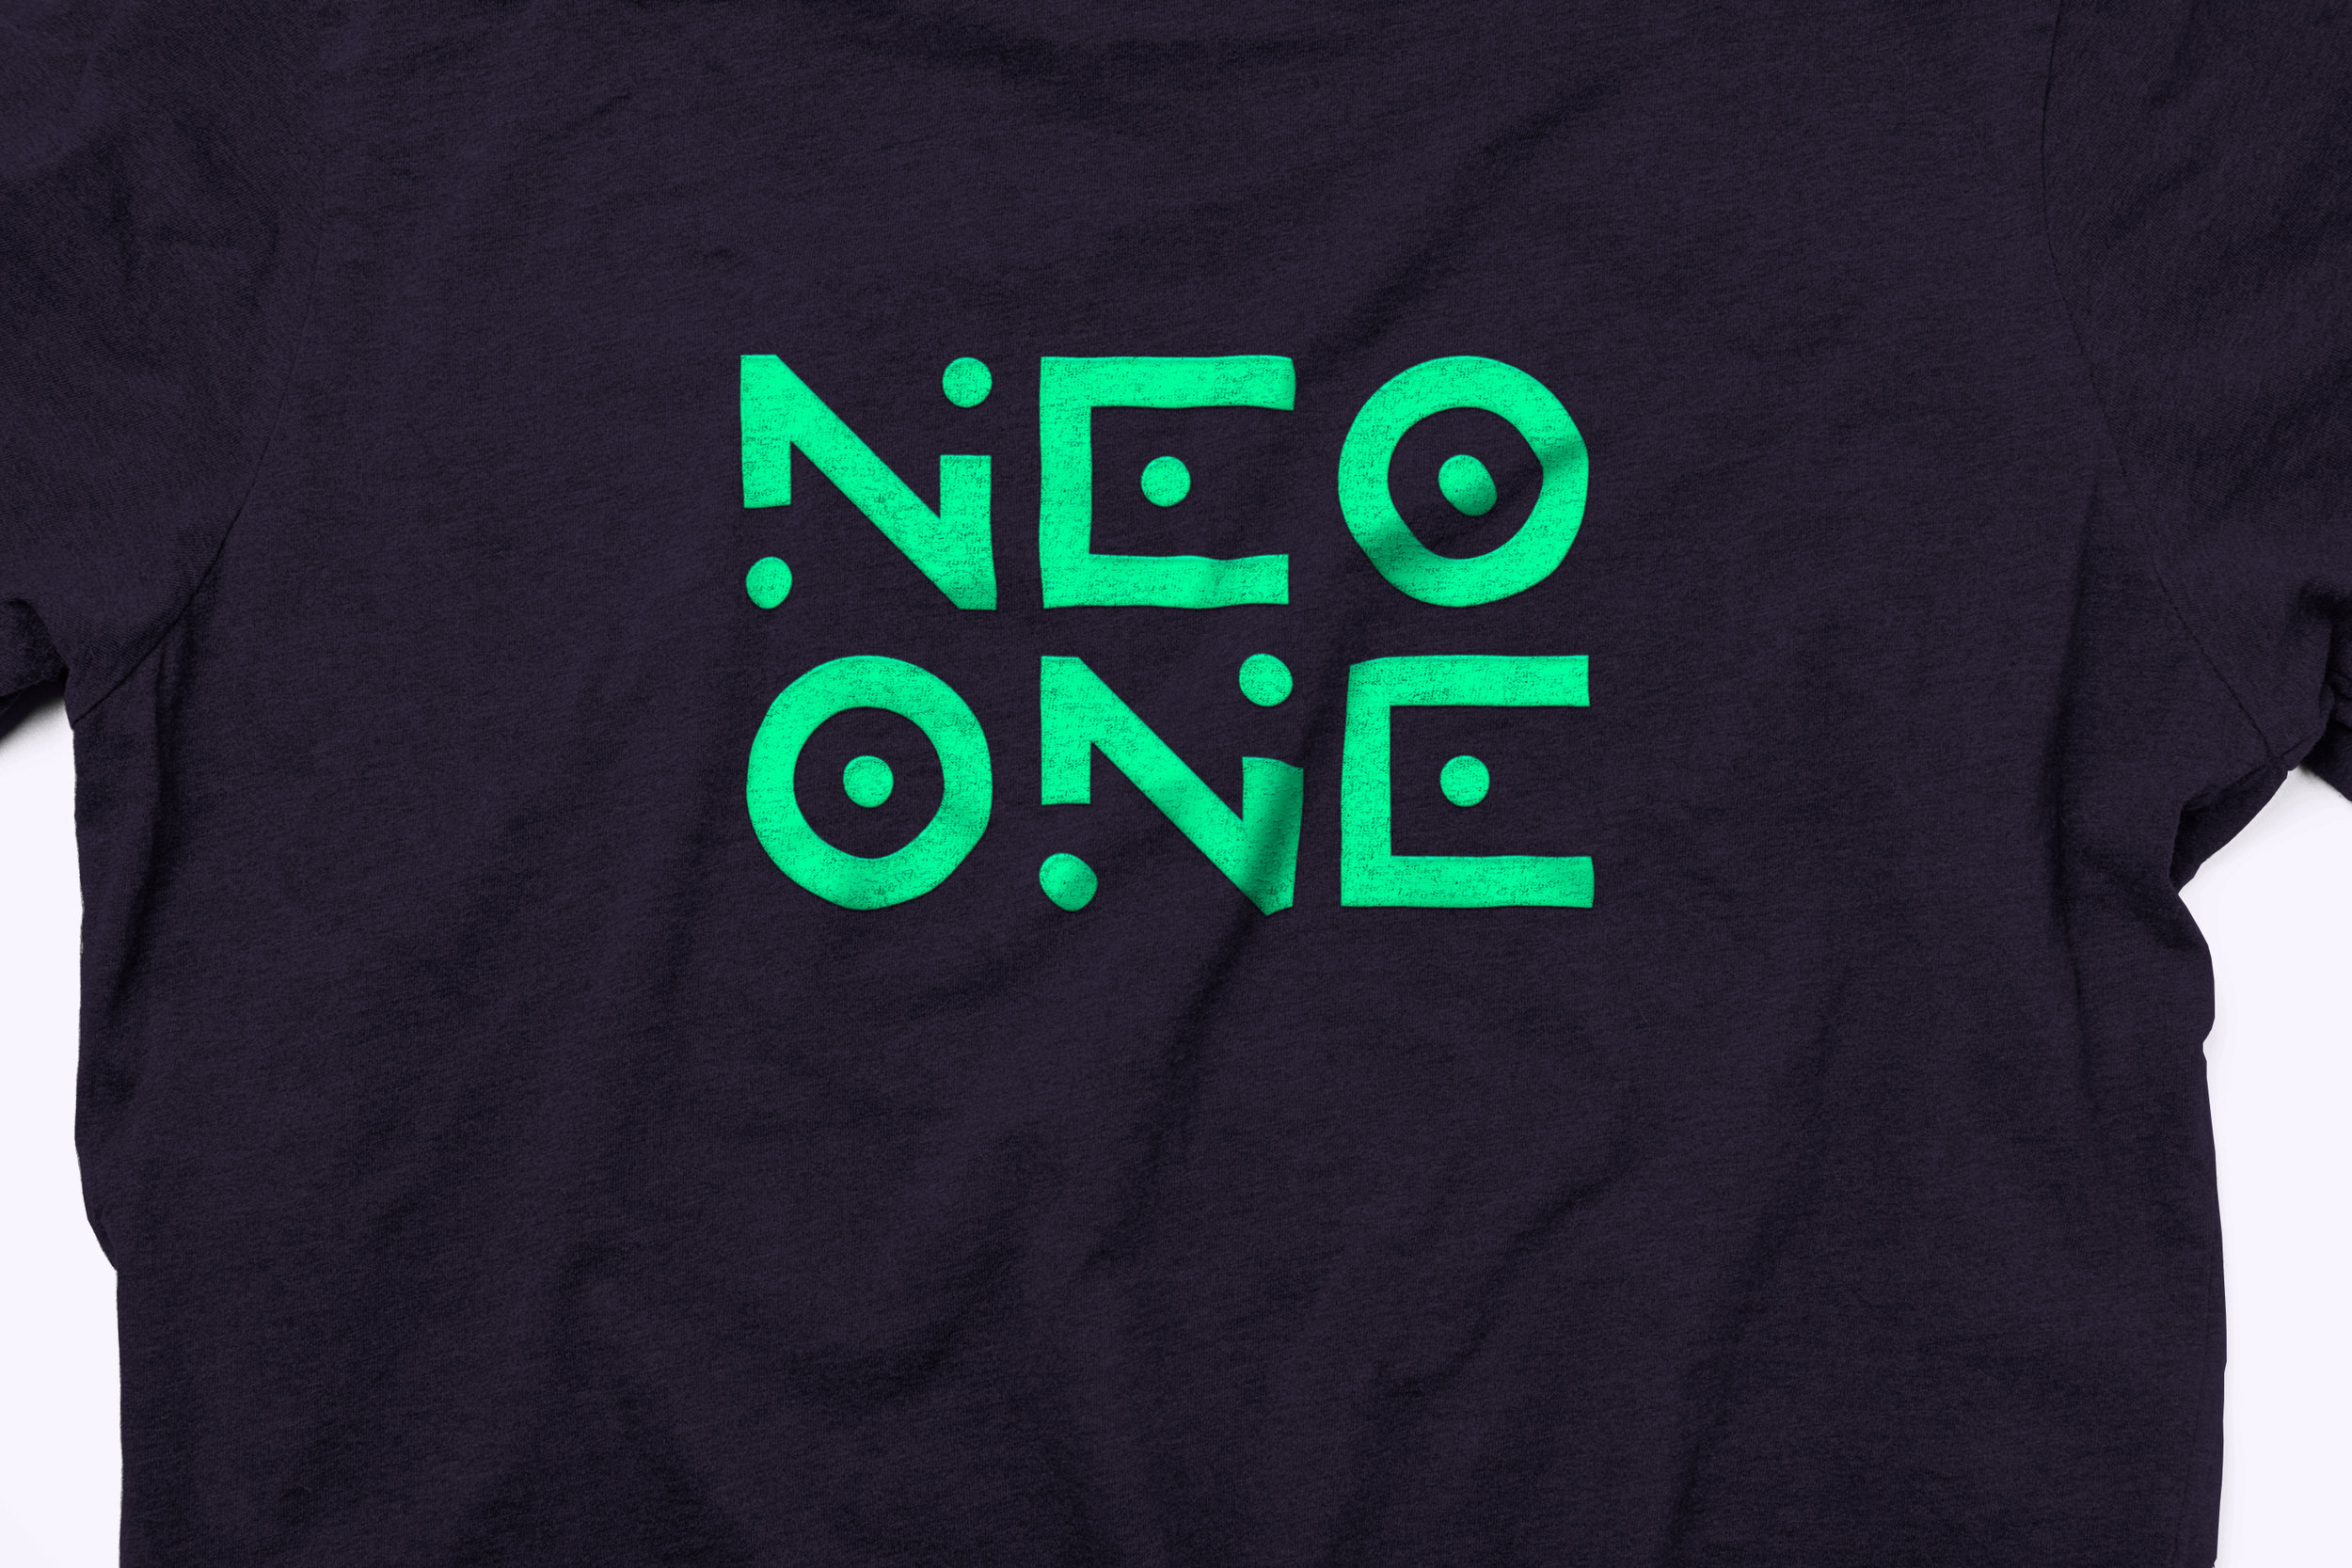 NEOB001_tshirt_02.jpg